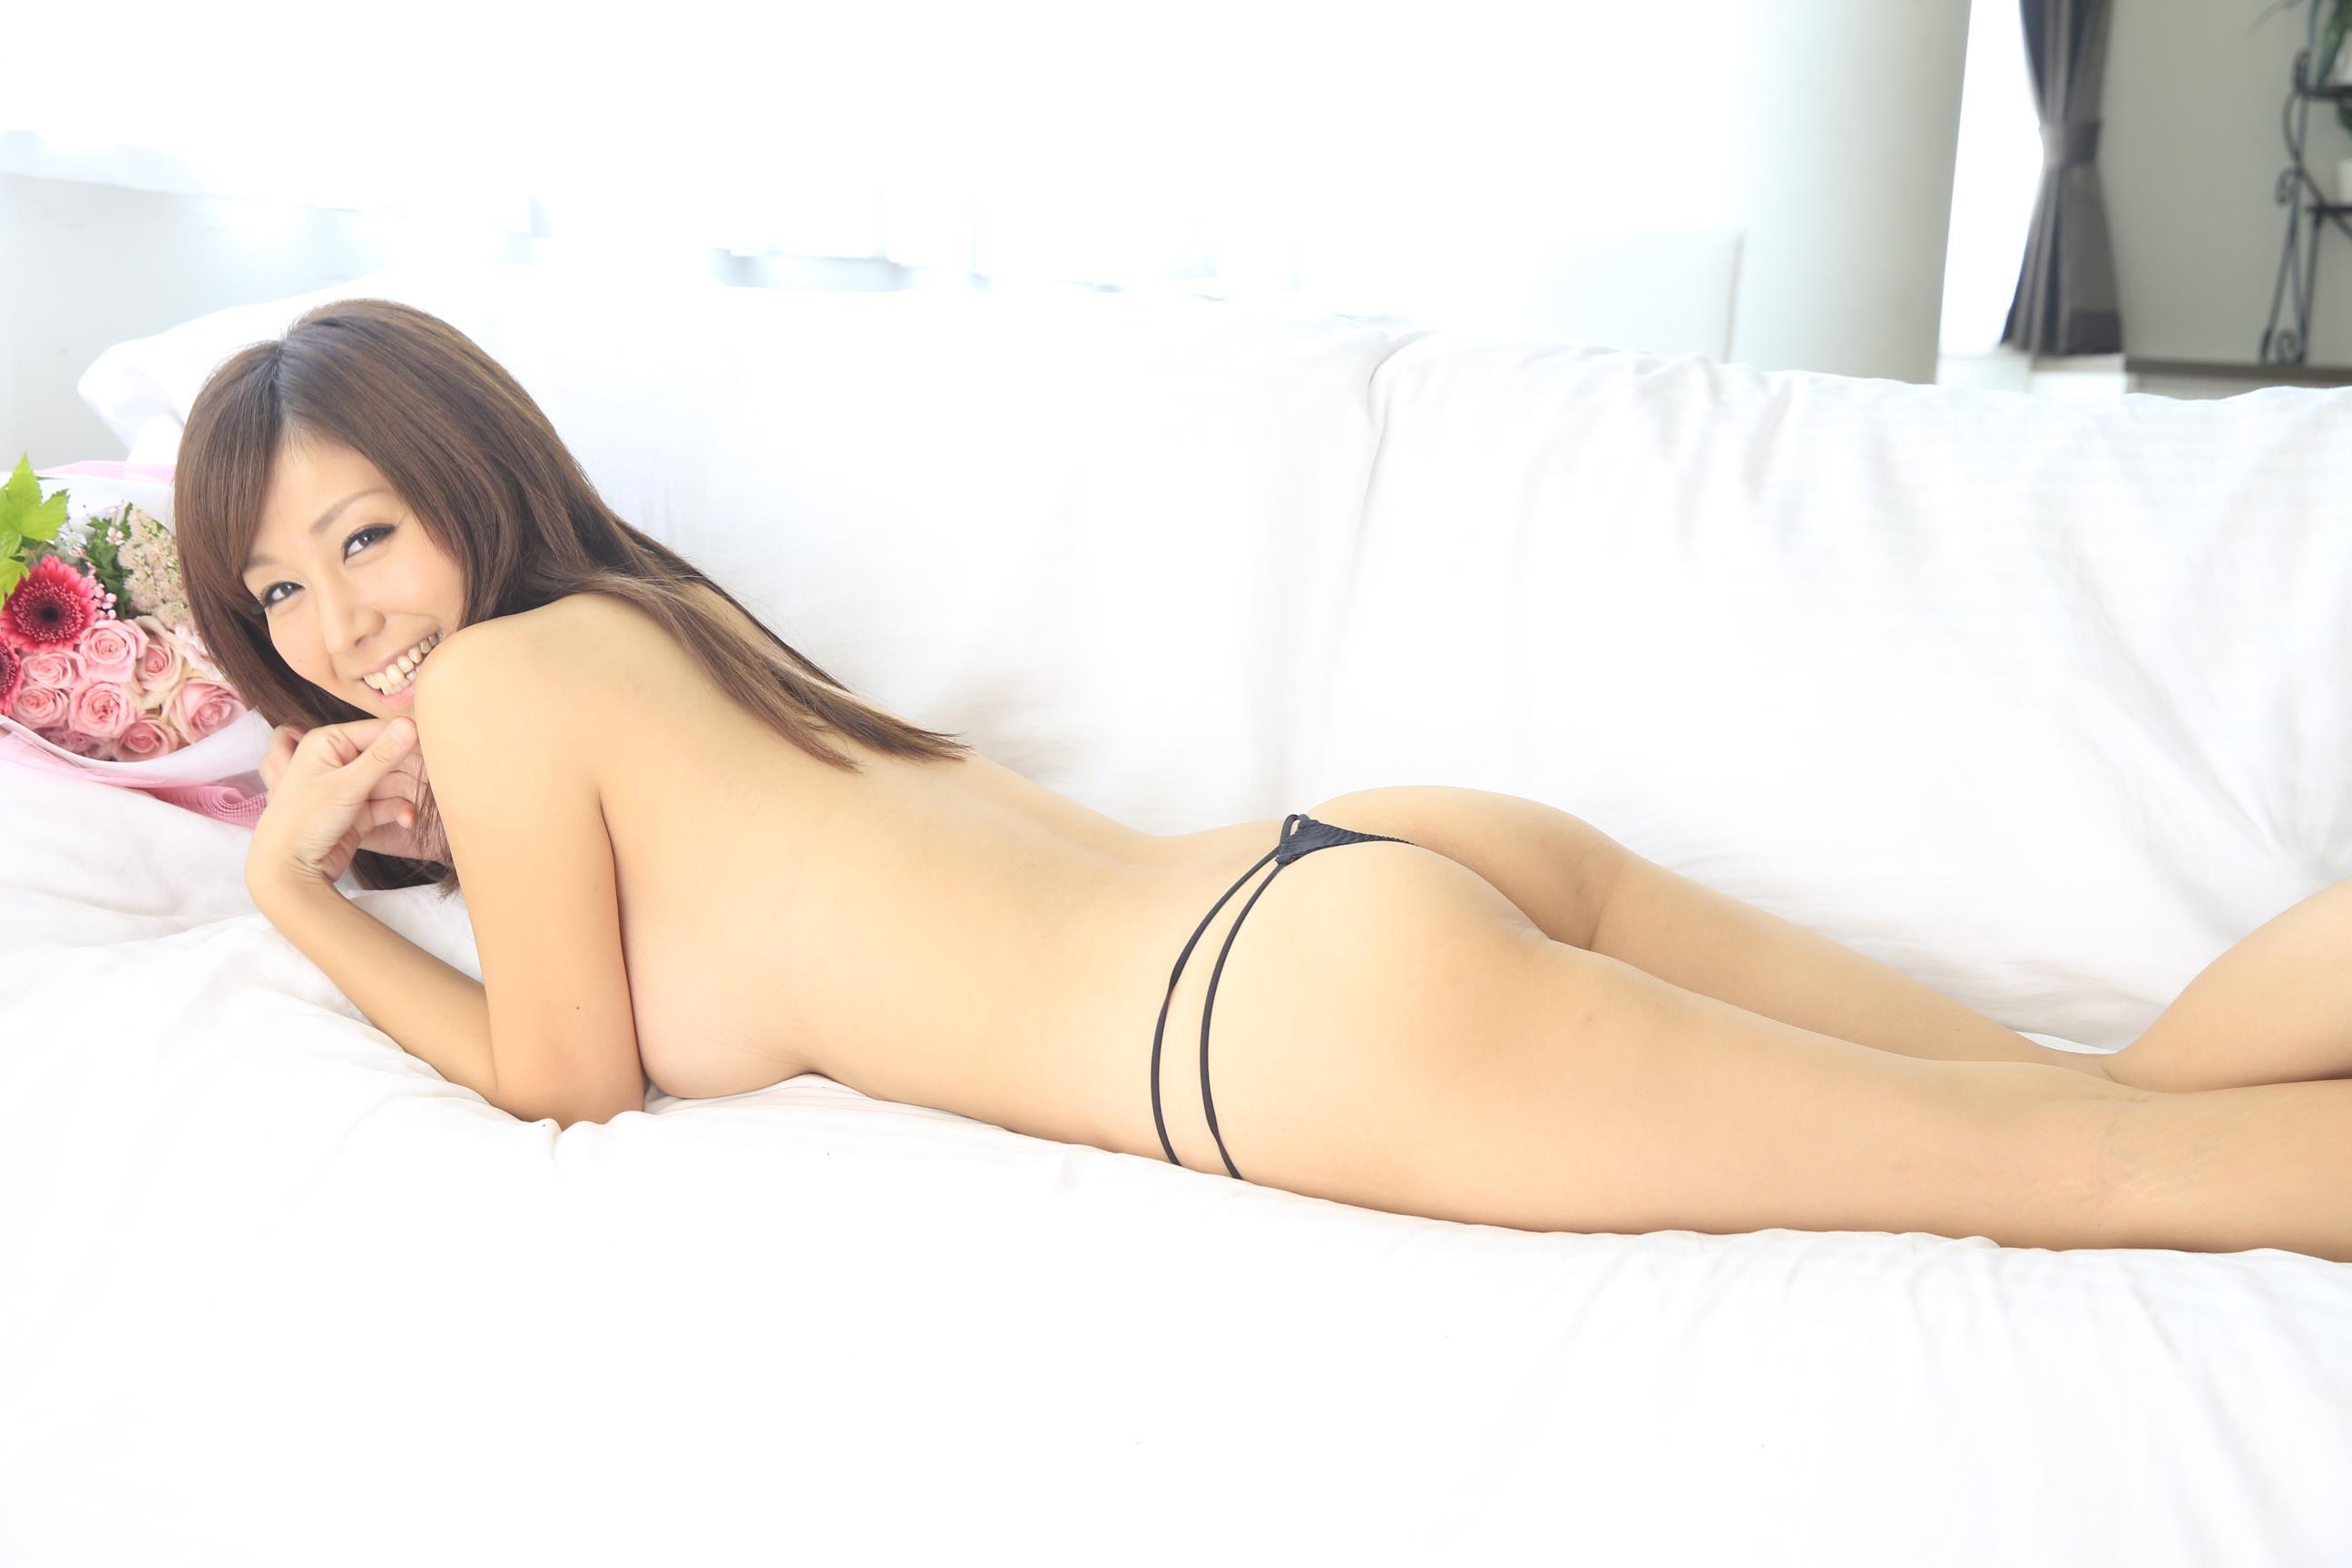 秋野千尋 カリビアン画像 81